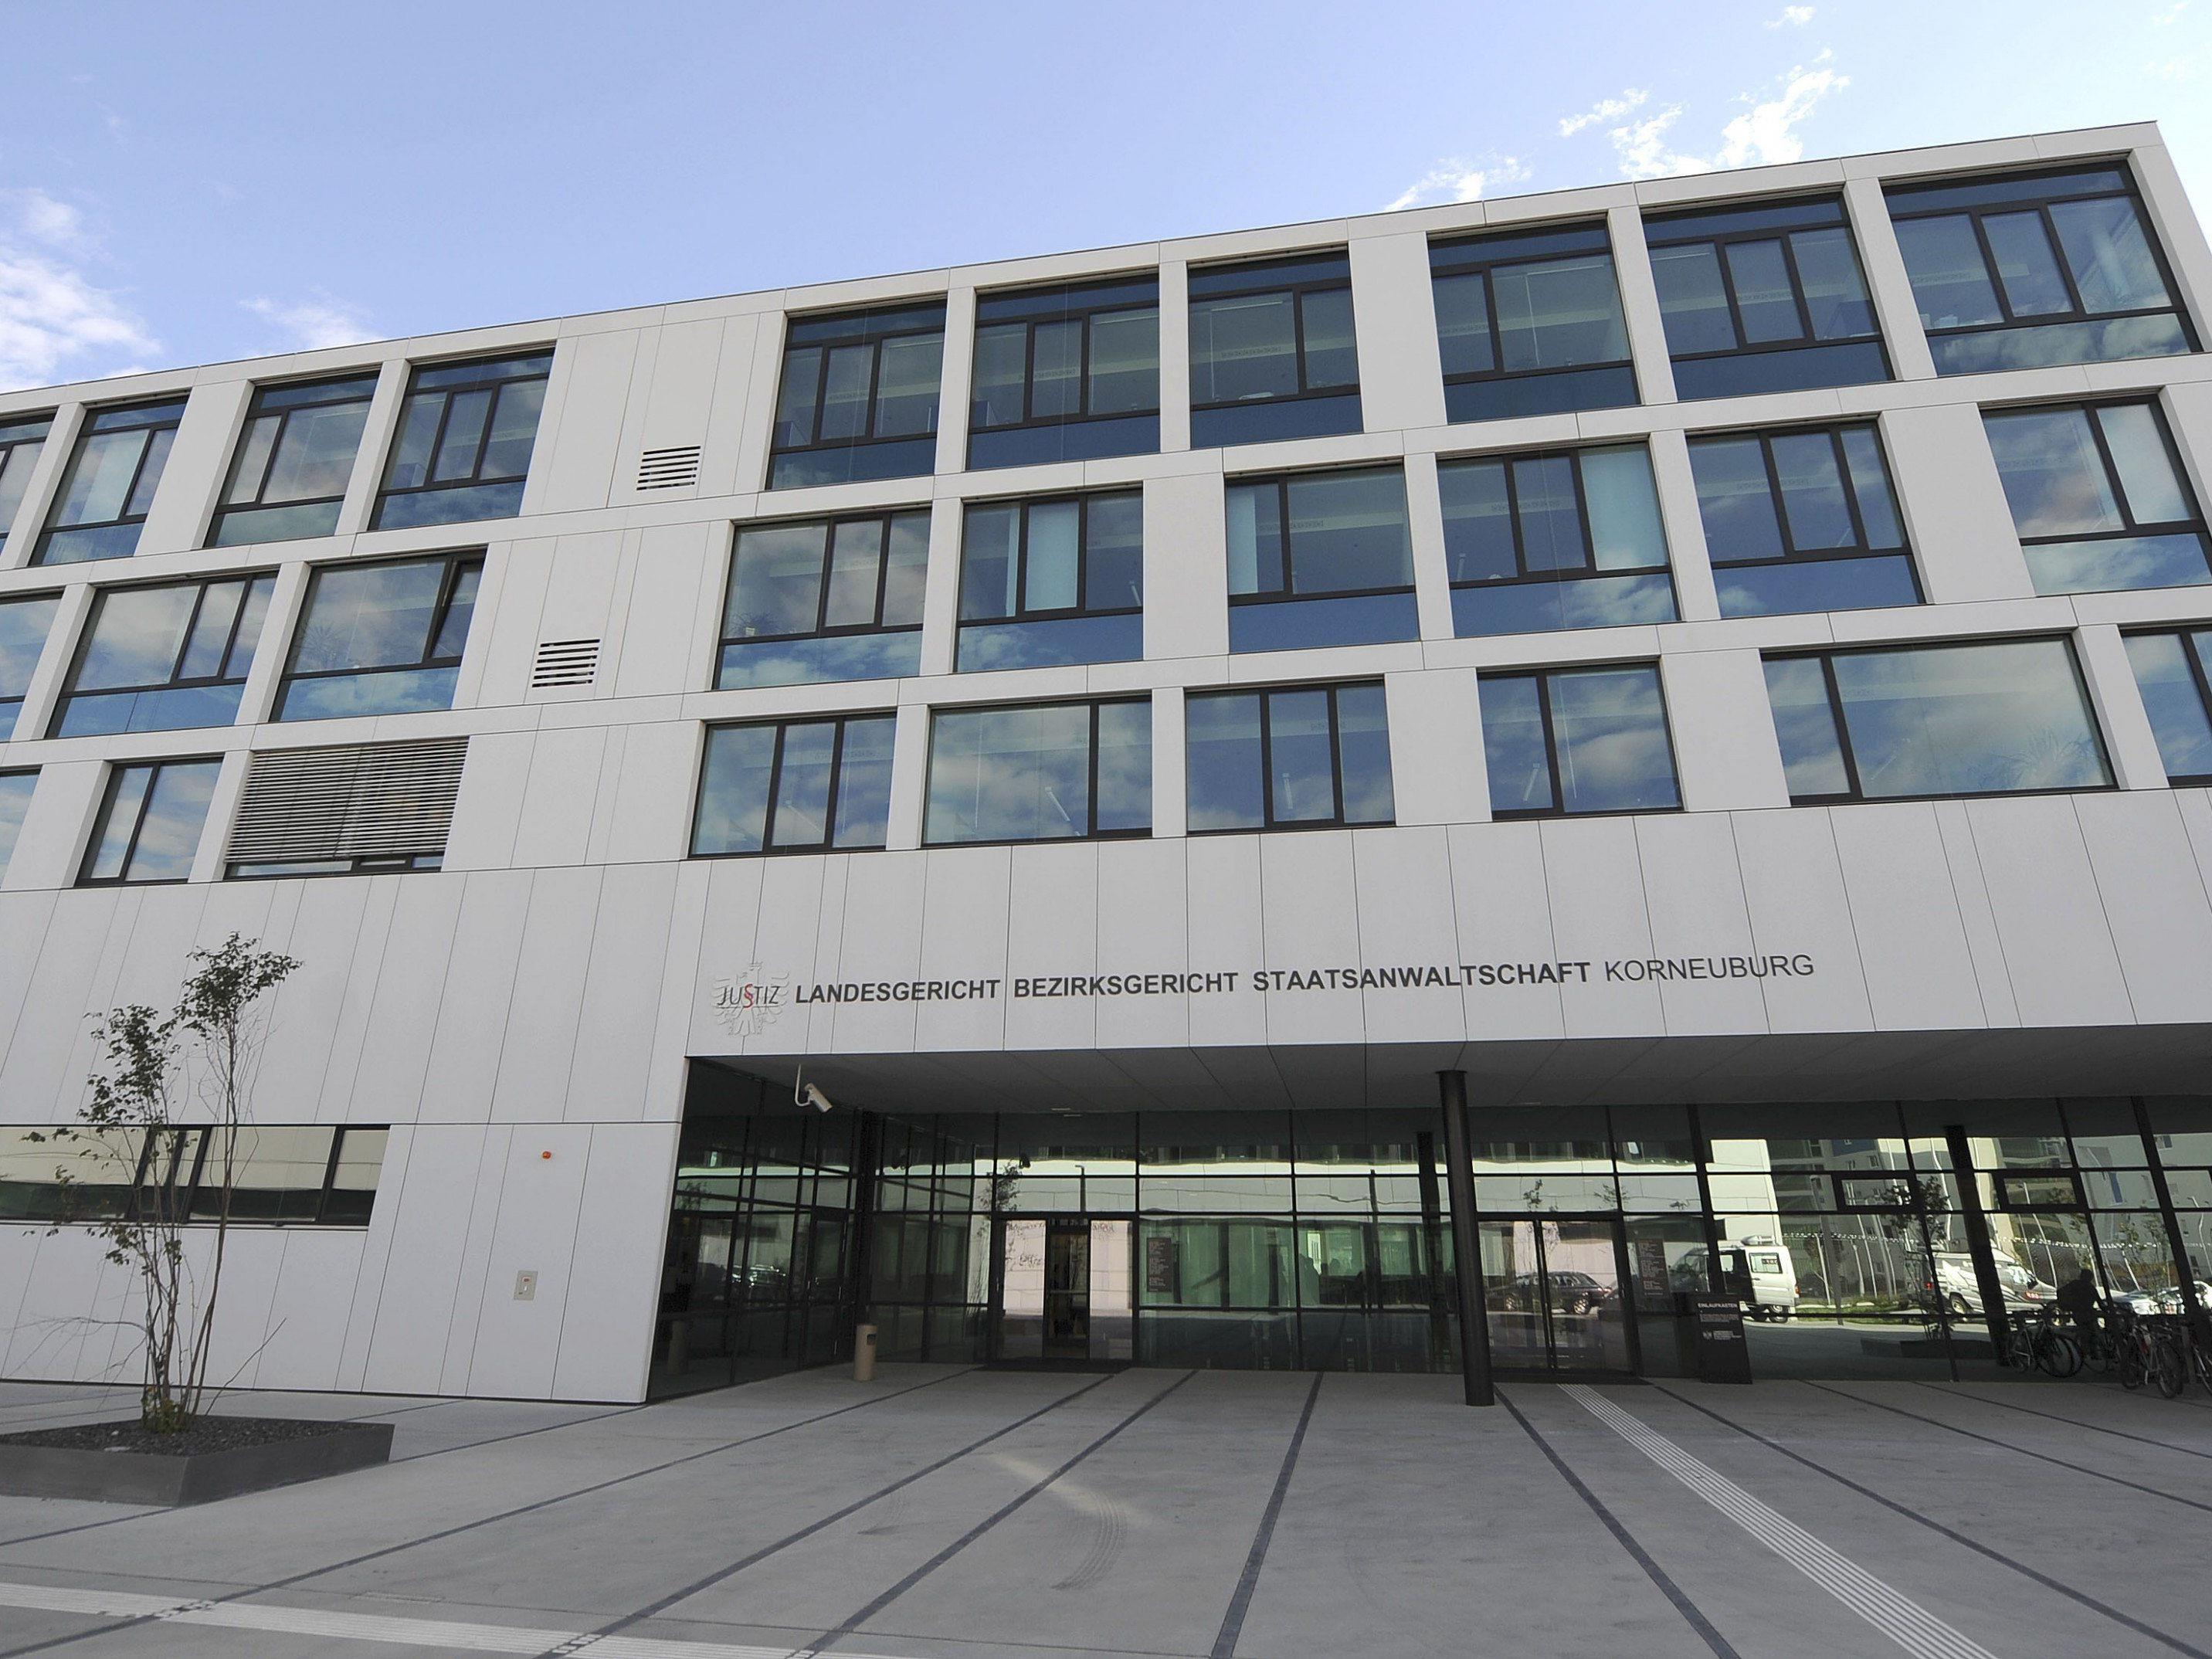 LG Korneuburg: 63-Jähriger wegen Mordes an Ehefrau zu 17 Jahren Haft verurteilt